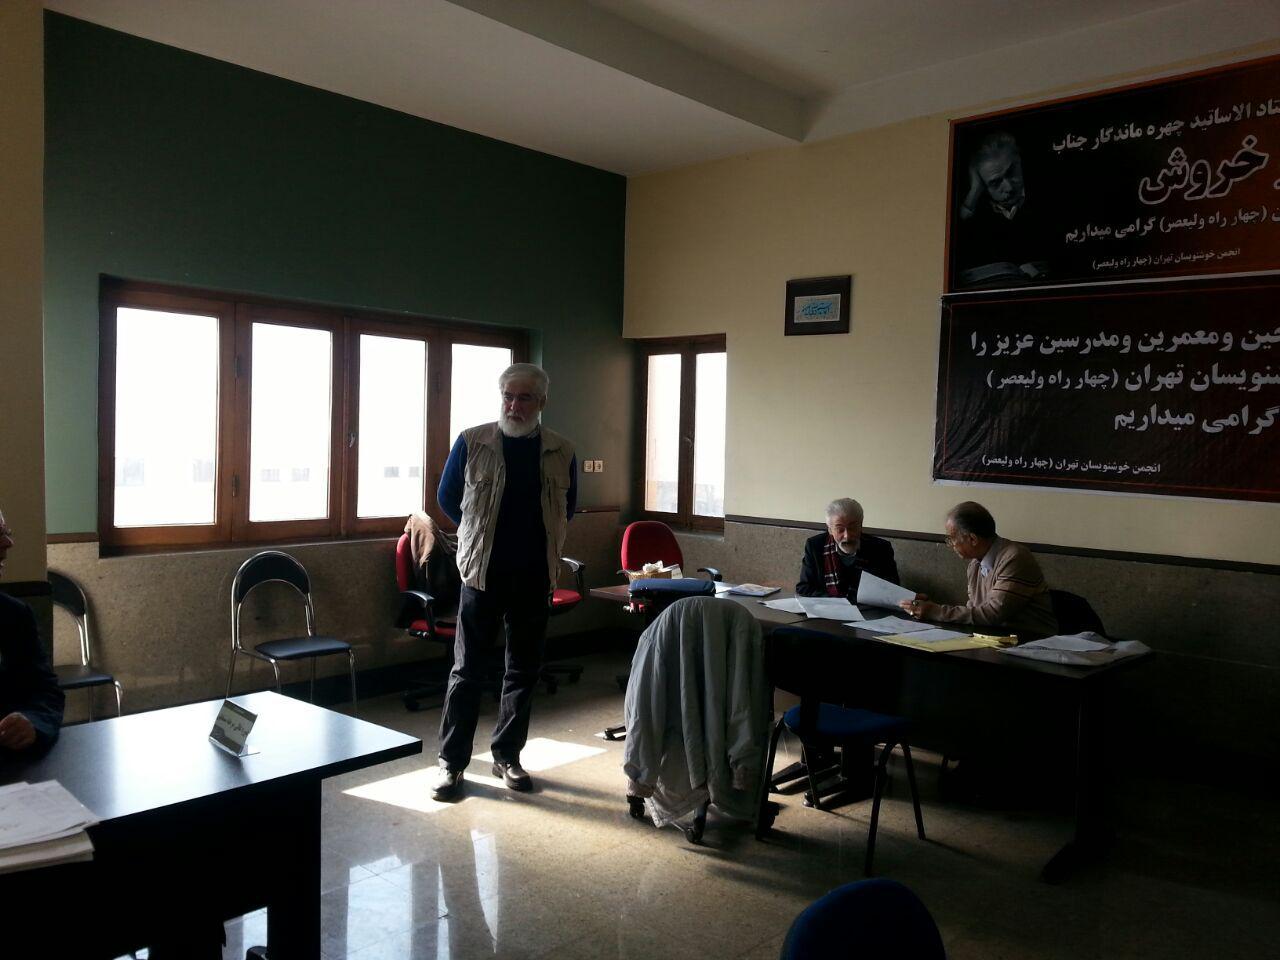 انجمن خوشنويسان تهران